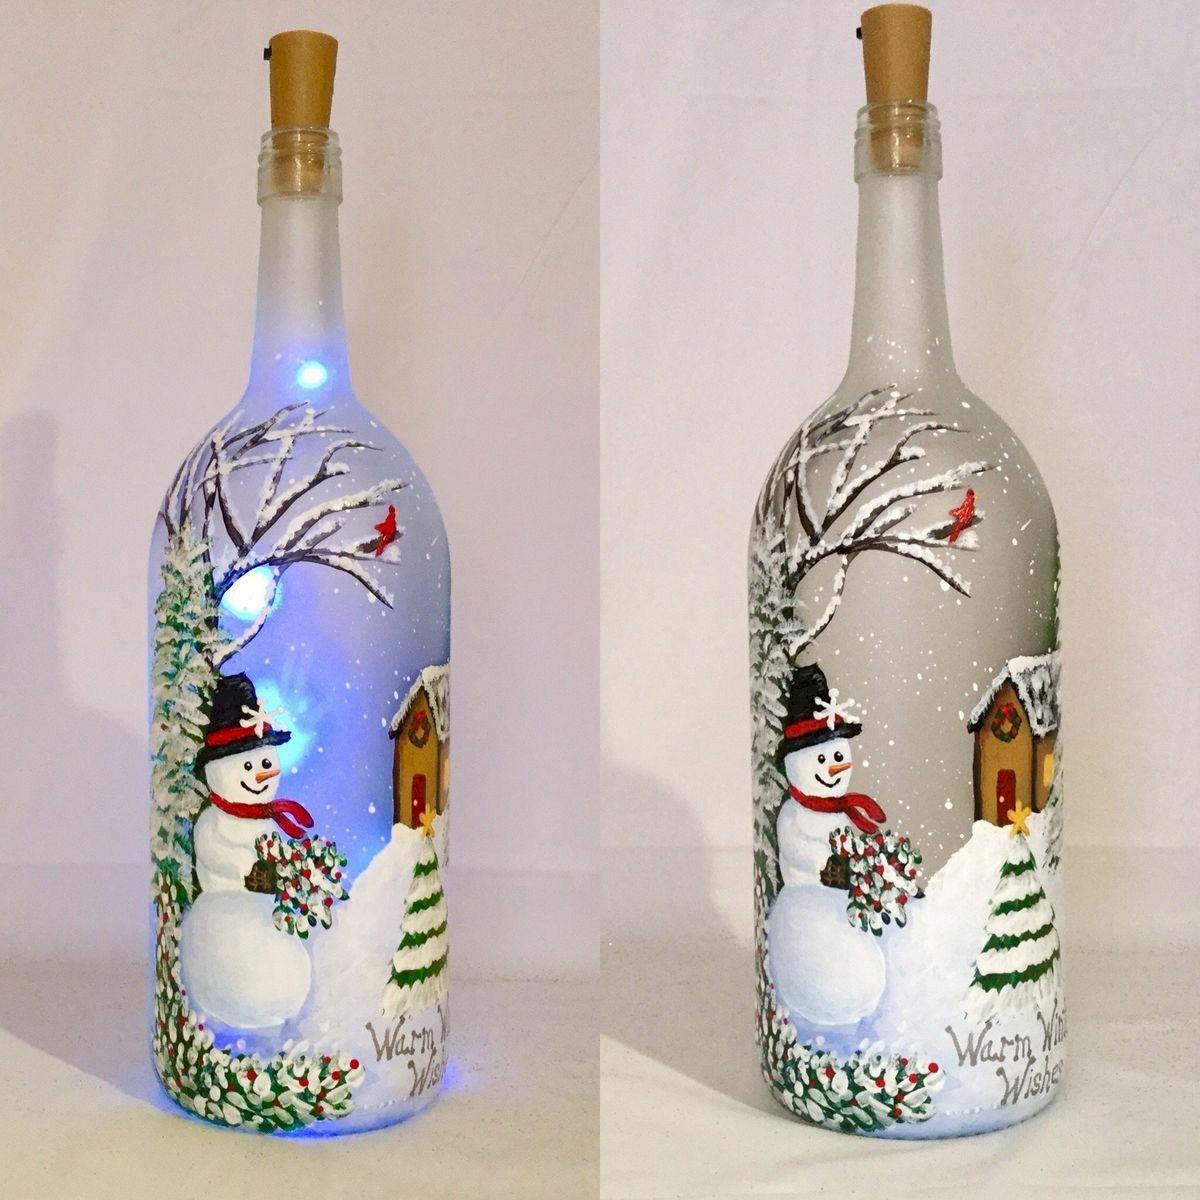 76 Best DIY Wine Bottle Craft Ideas (23)